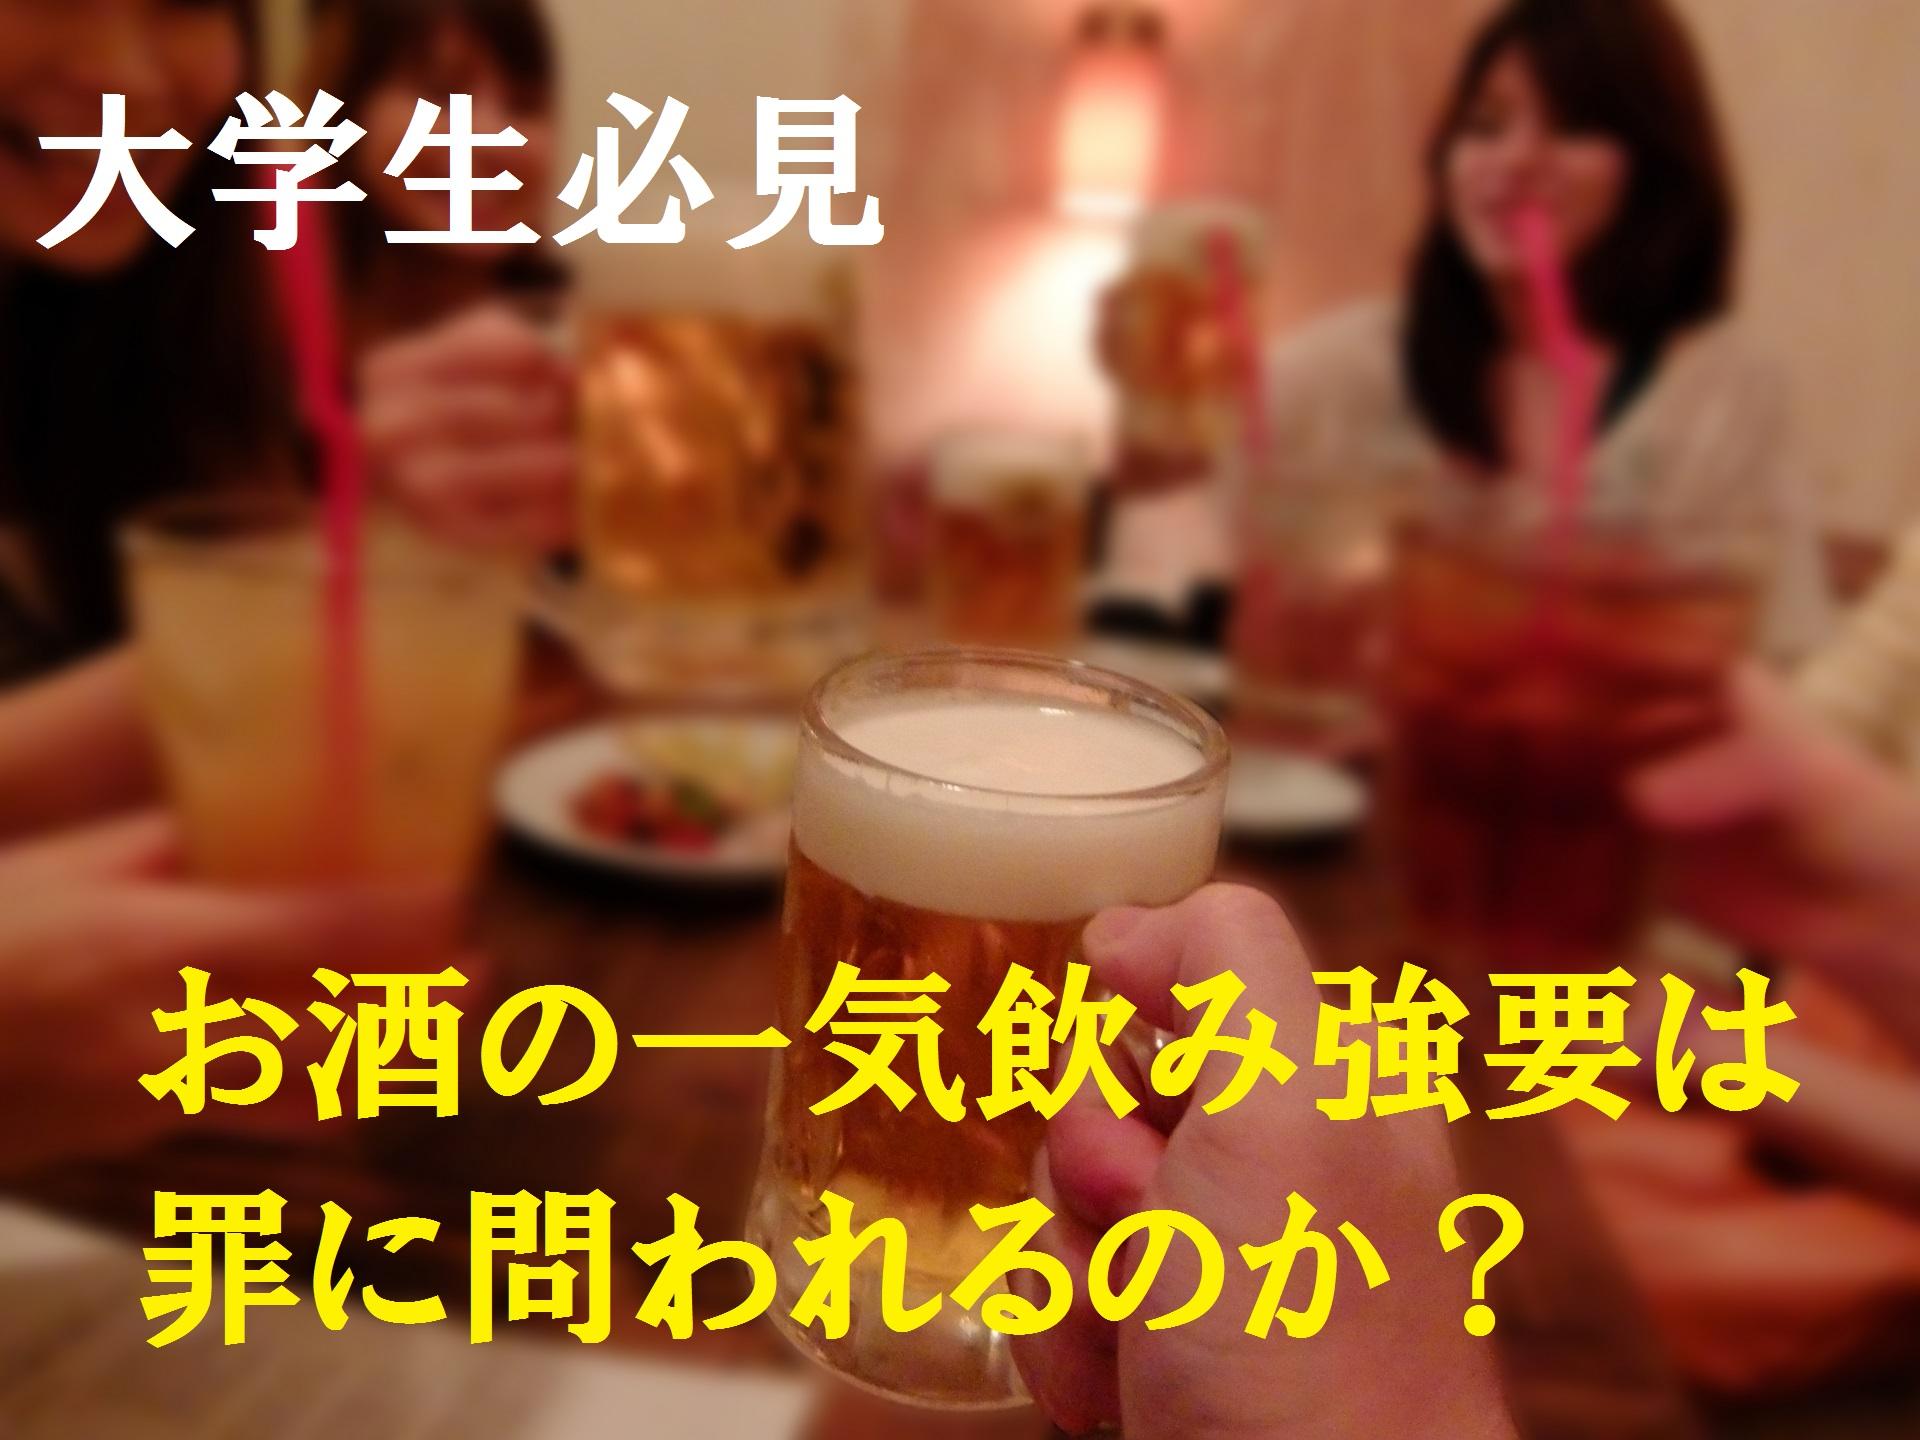 お酒の一気飲みを強要する大学生は罪に問われるのか?